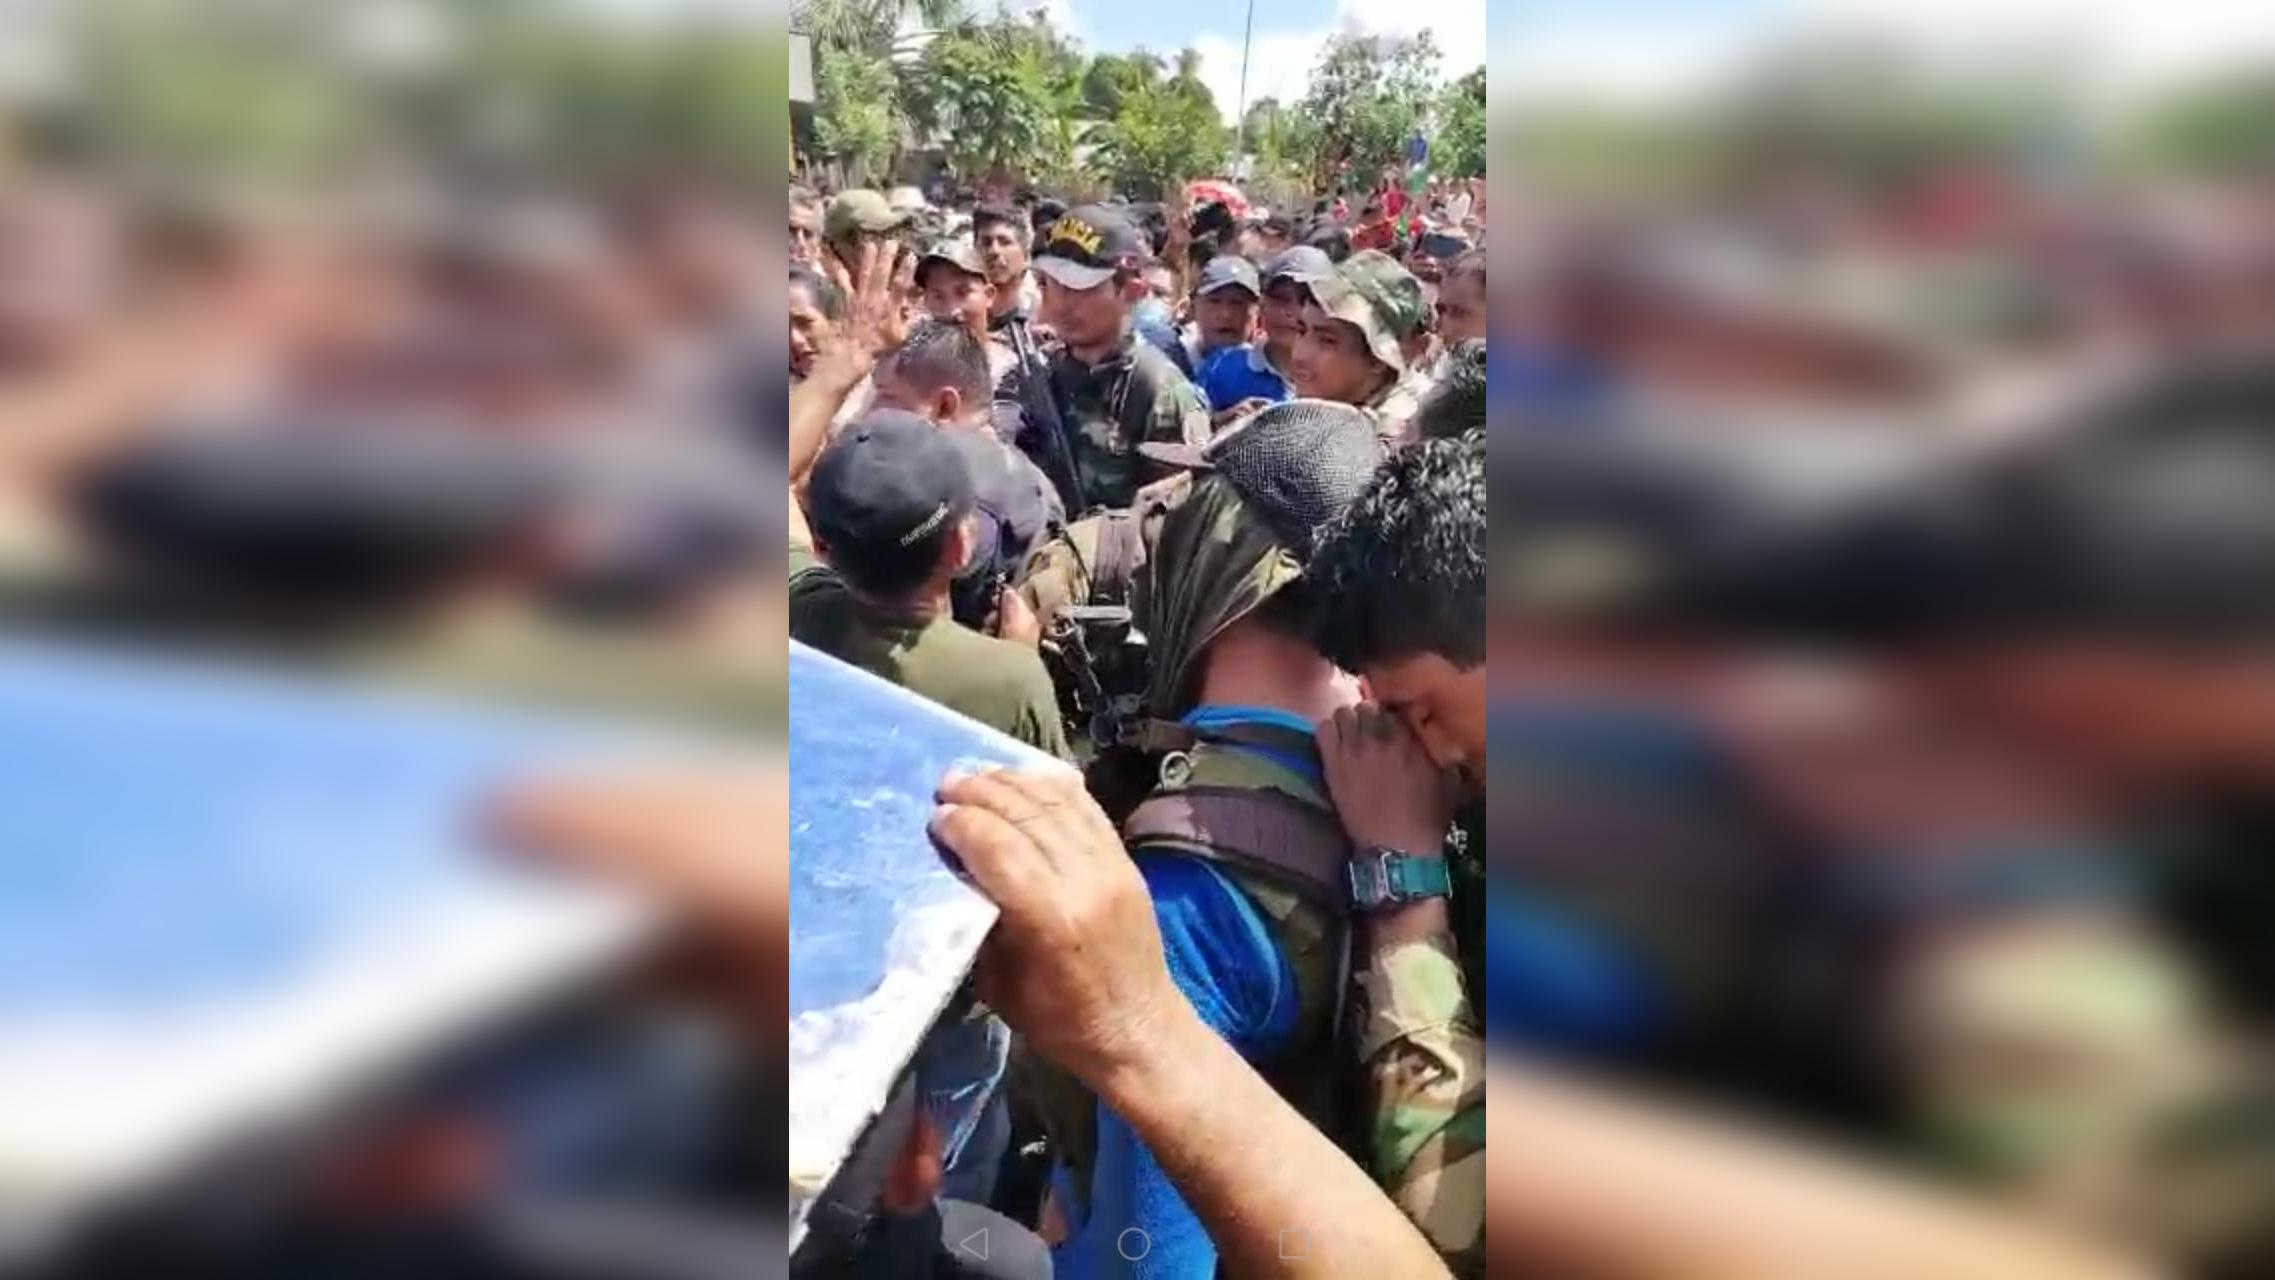 Comunidad retuvo por más de siete horas a policías antidrogas.